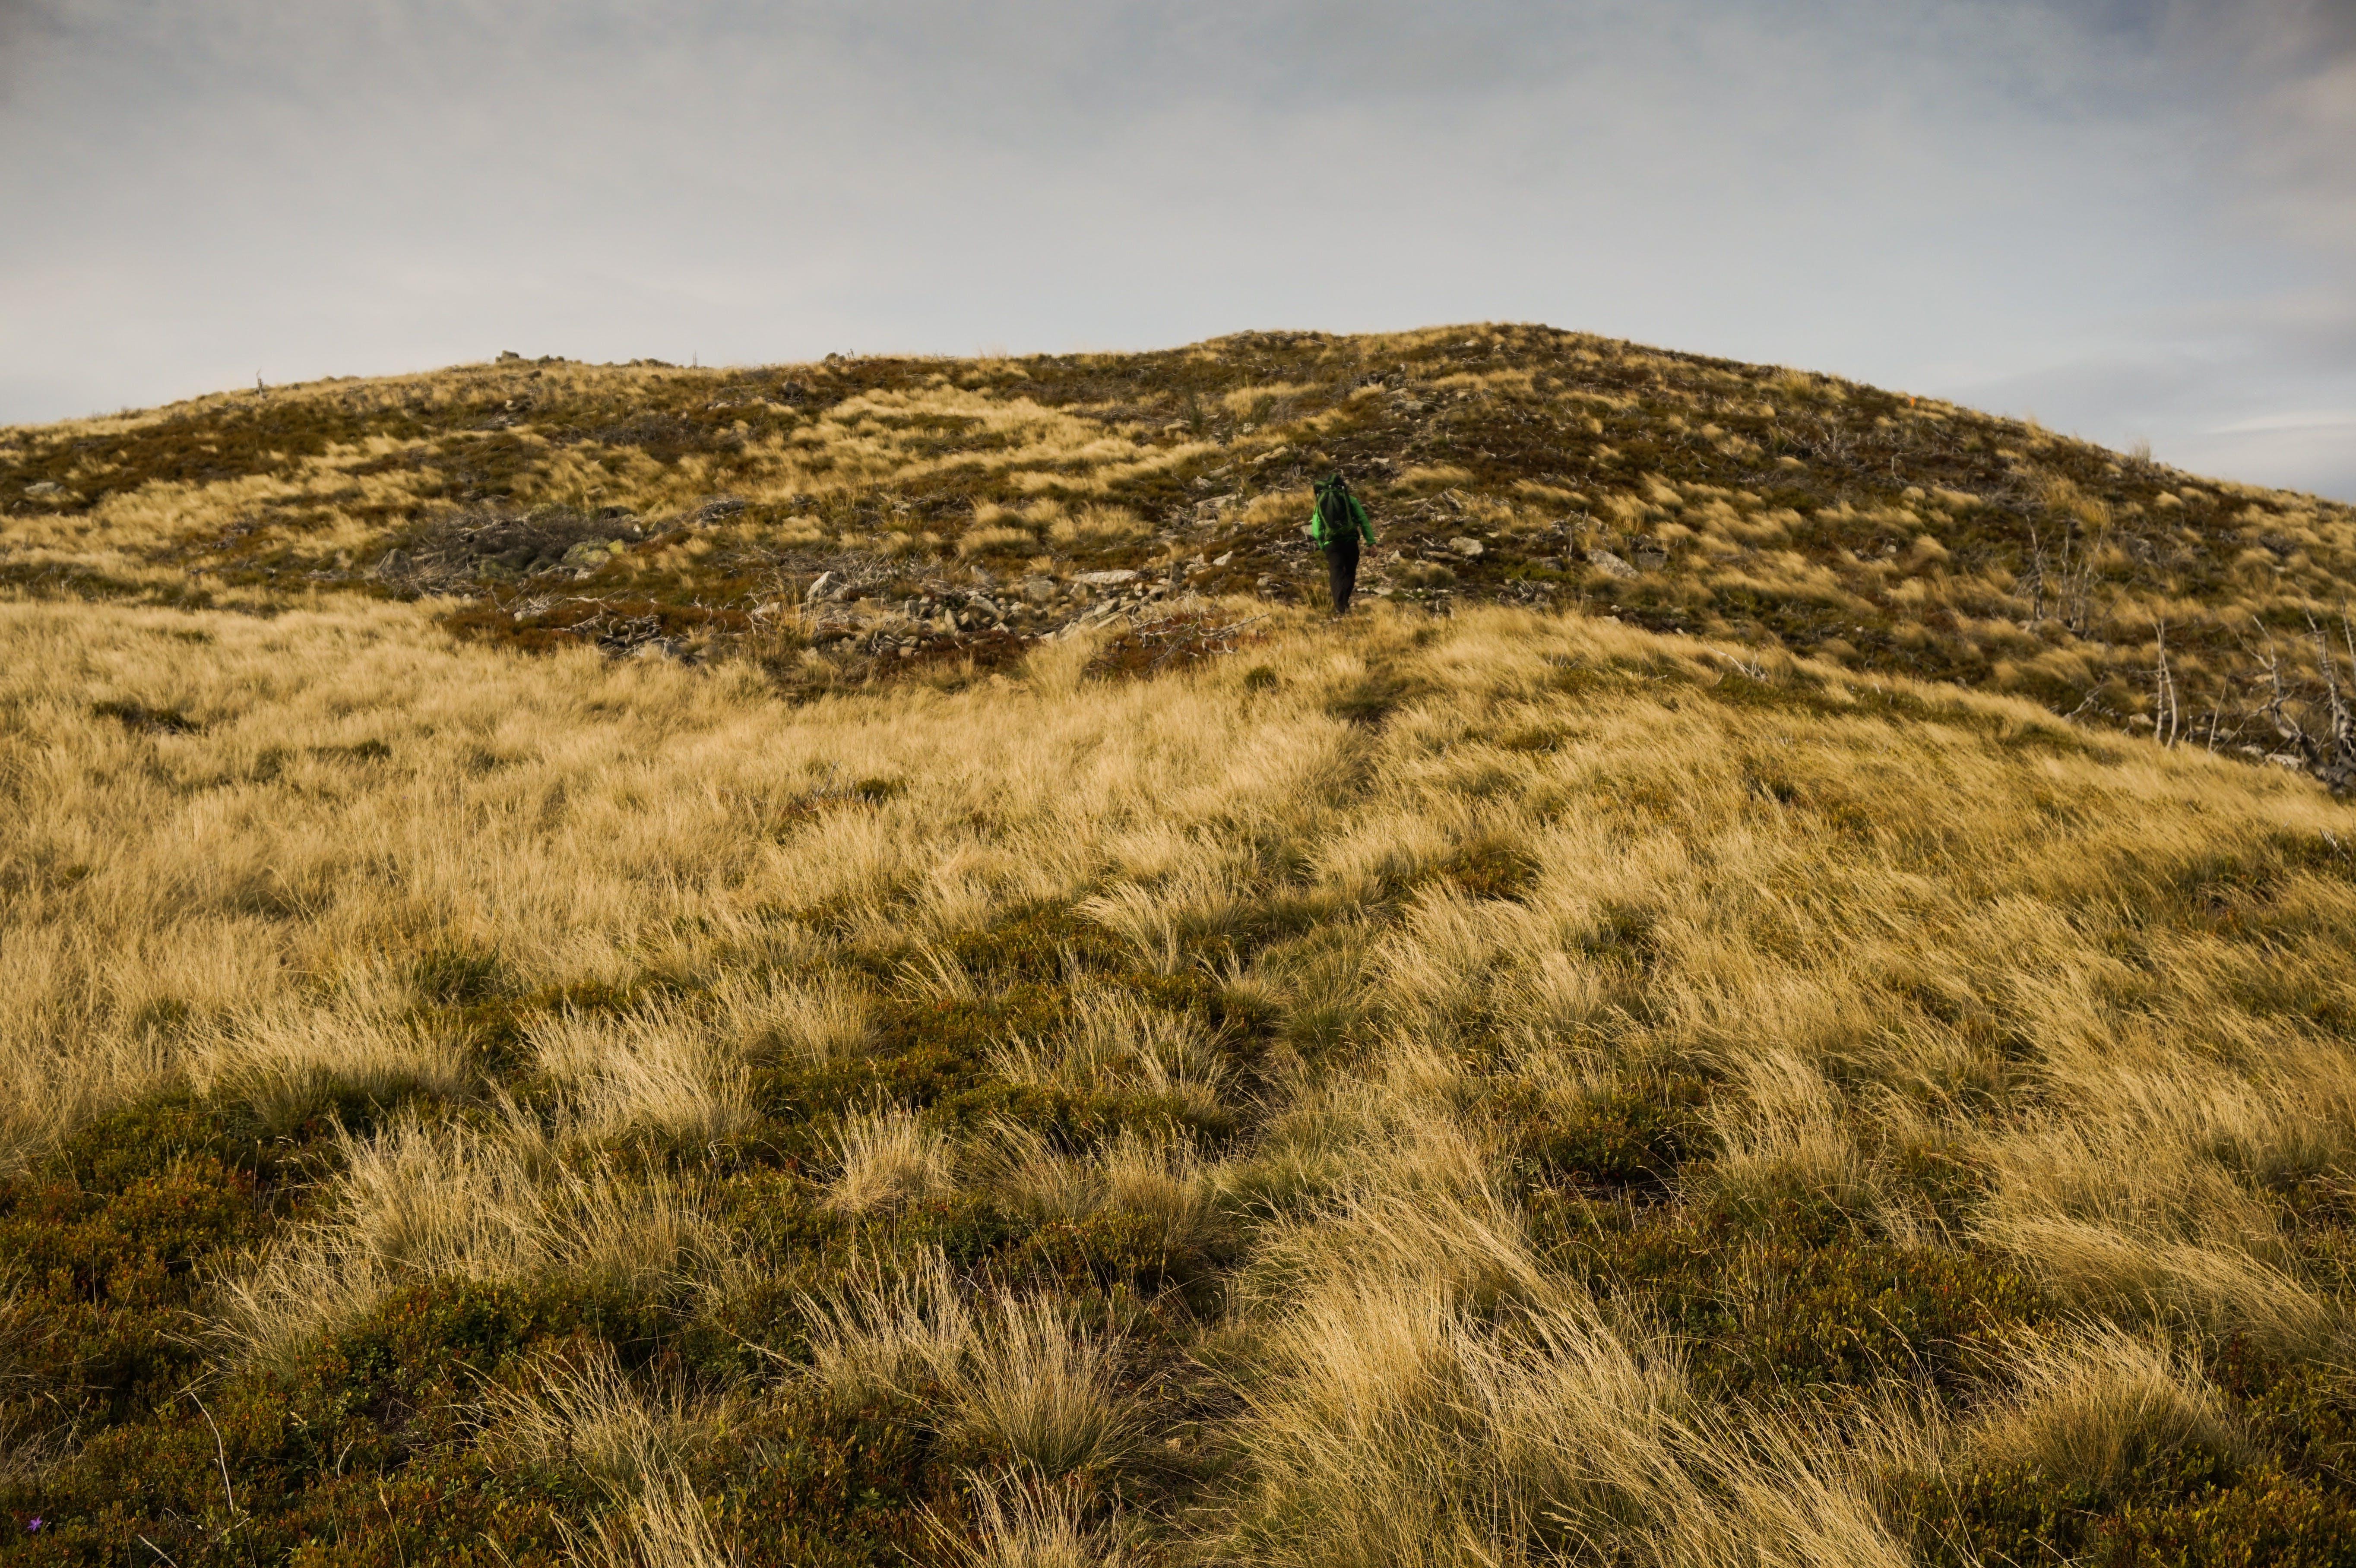 ハイキング, フィールド, 丘, 人の無料の写真素材